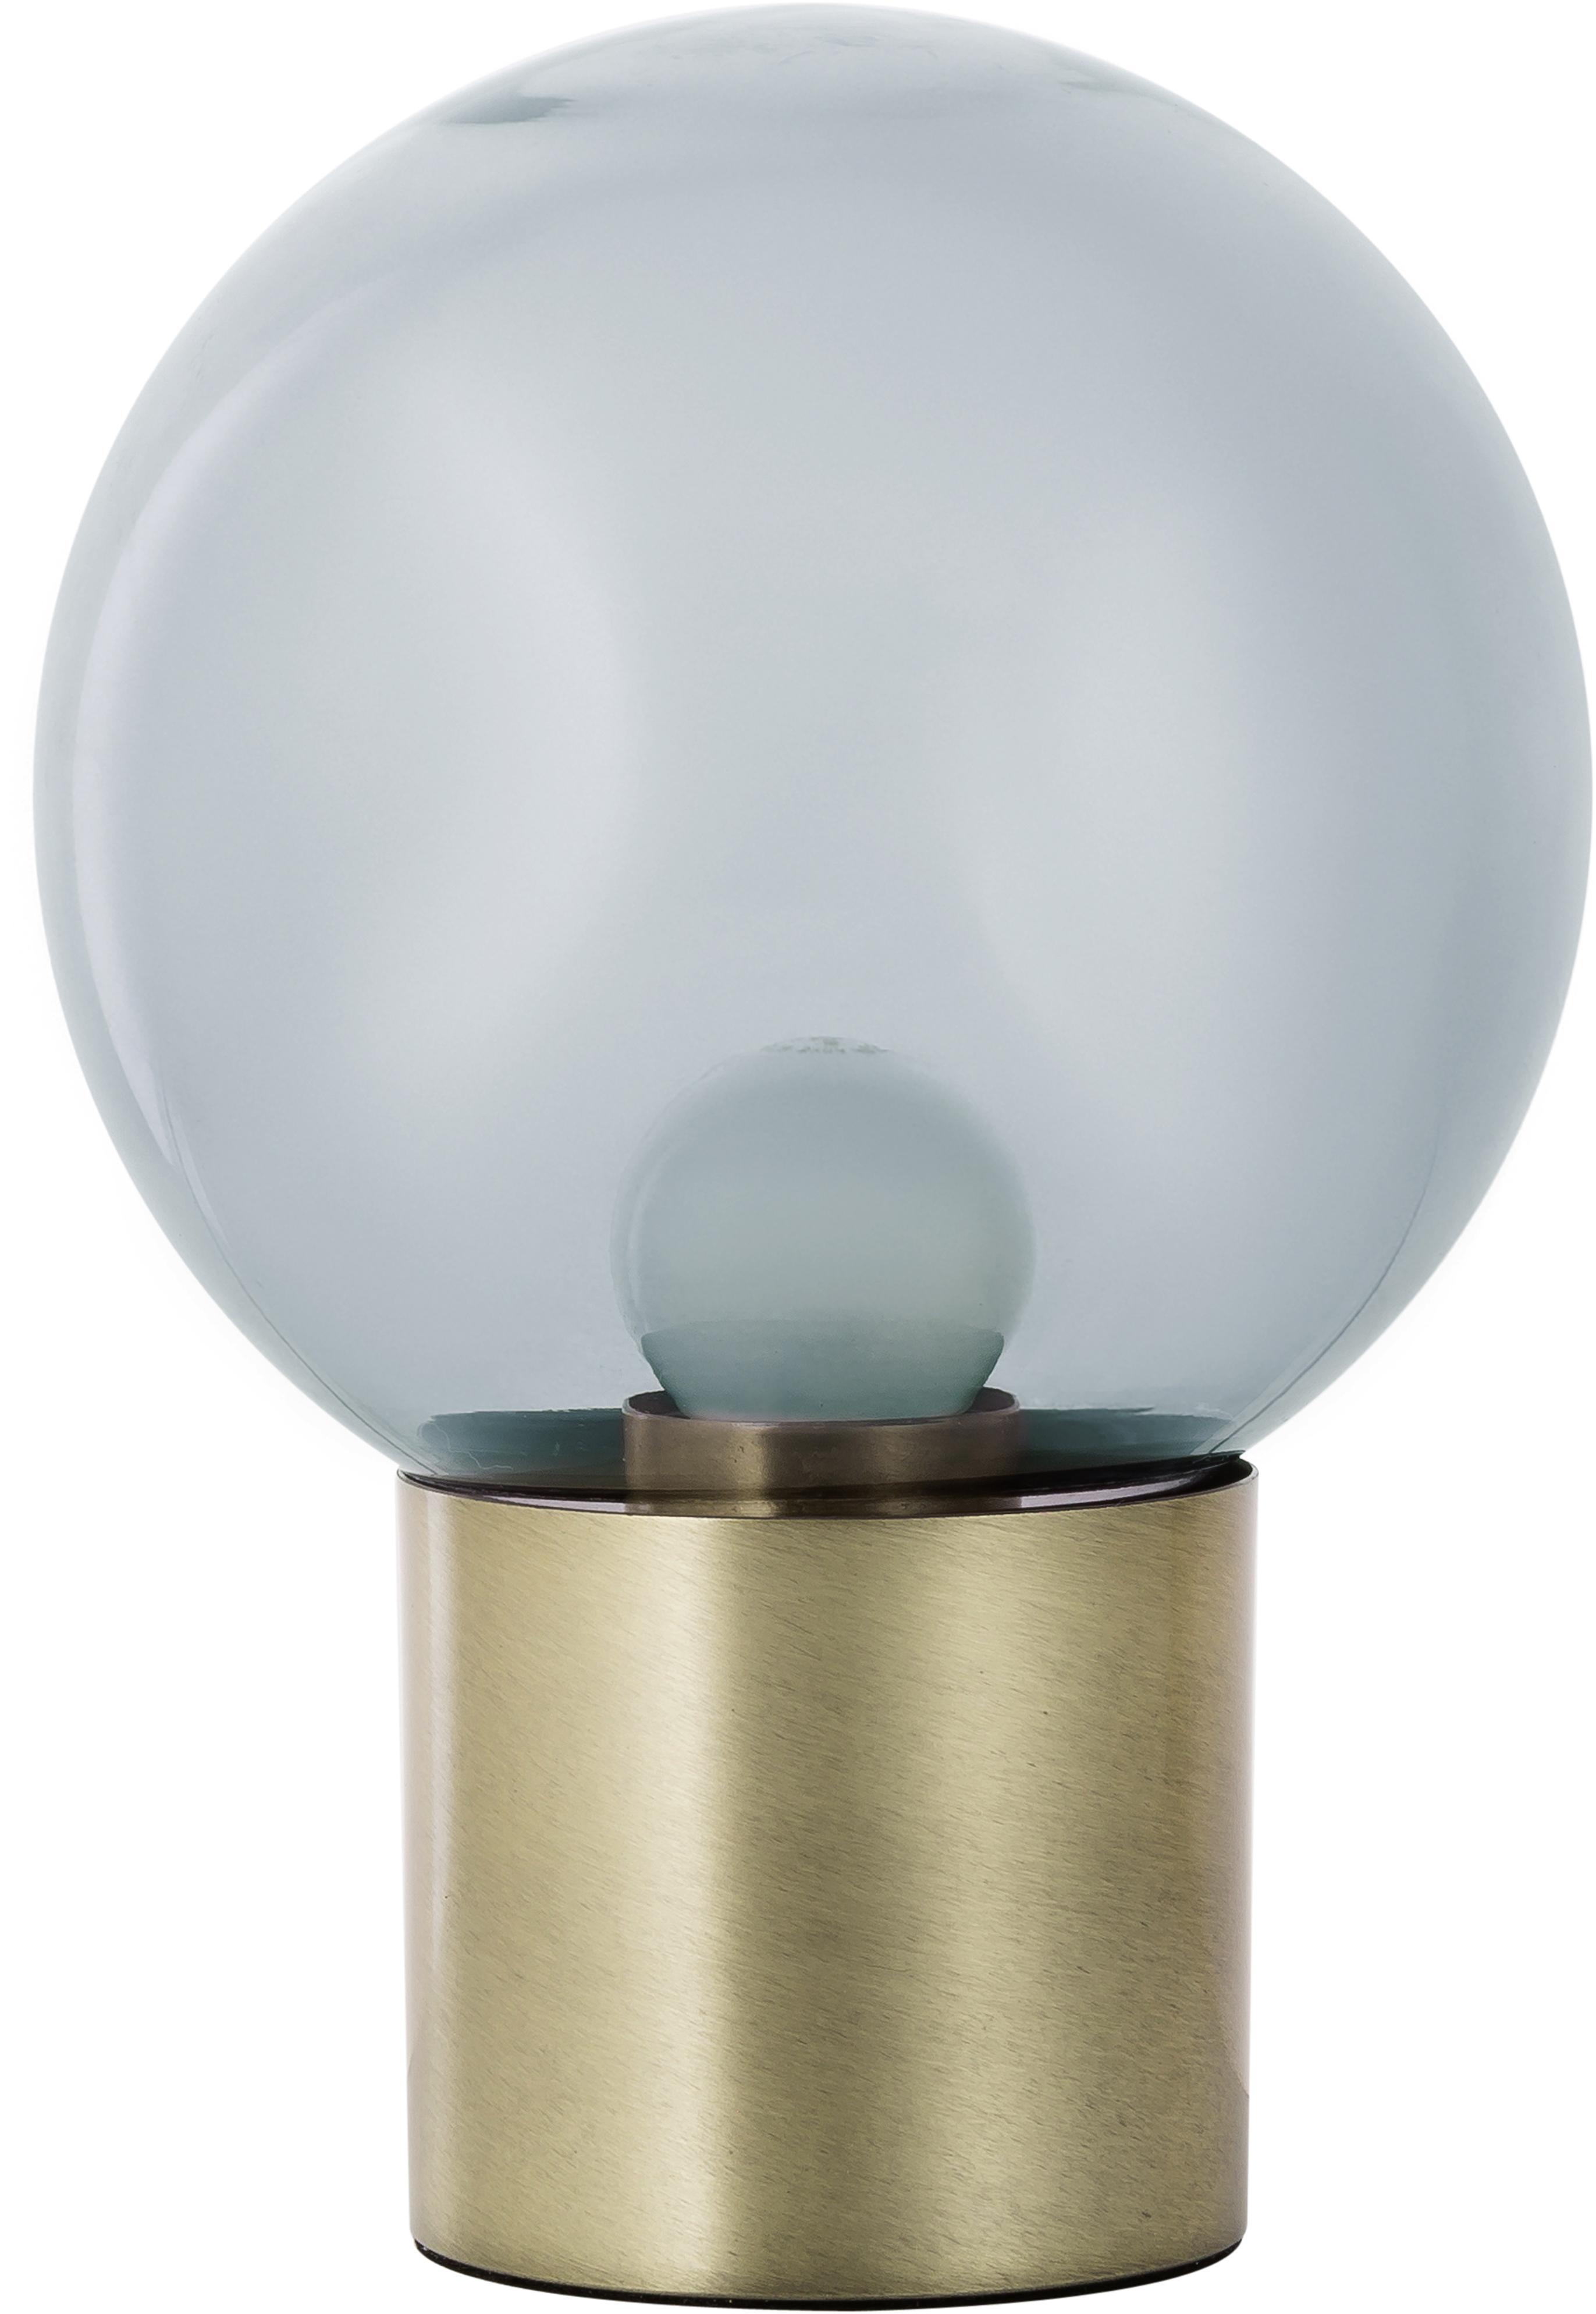 Lampada da tavolo a LED in vetro Lark, Paralume: vetro, Base della lampada: metallo spazzolato, Paralume: grigio, trasparente base della lampada: ottone opaco, Ø 17 x Alt. 24 cm